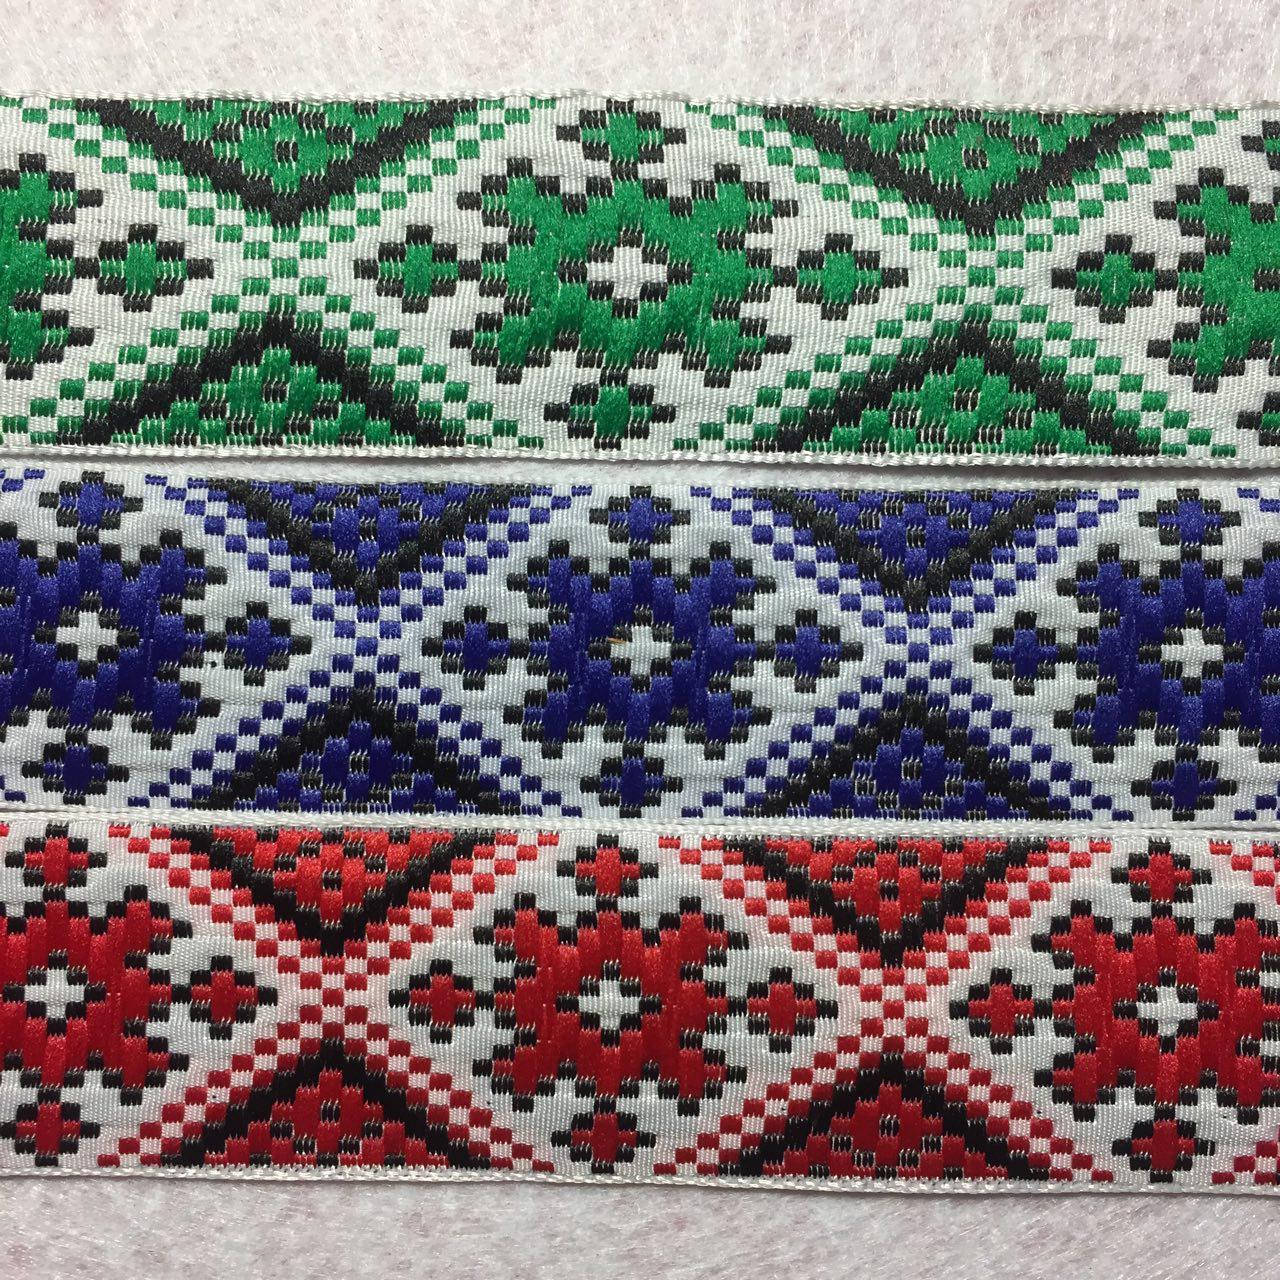 Купити стрічки для шиття в Києві в інтернет-магазині Магія Рукоділля 08975b870a4d6